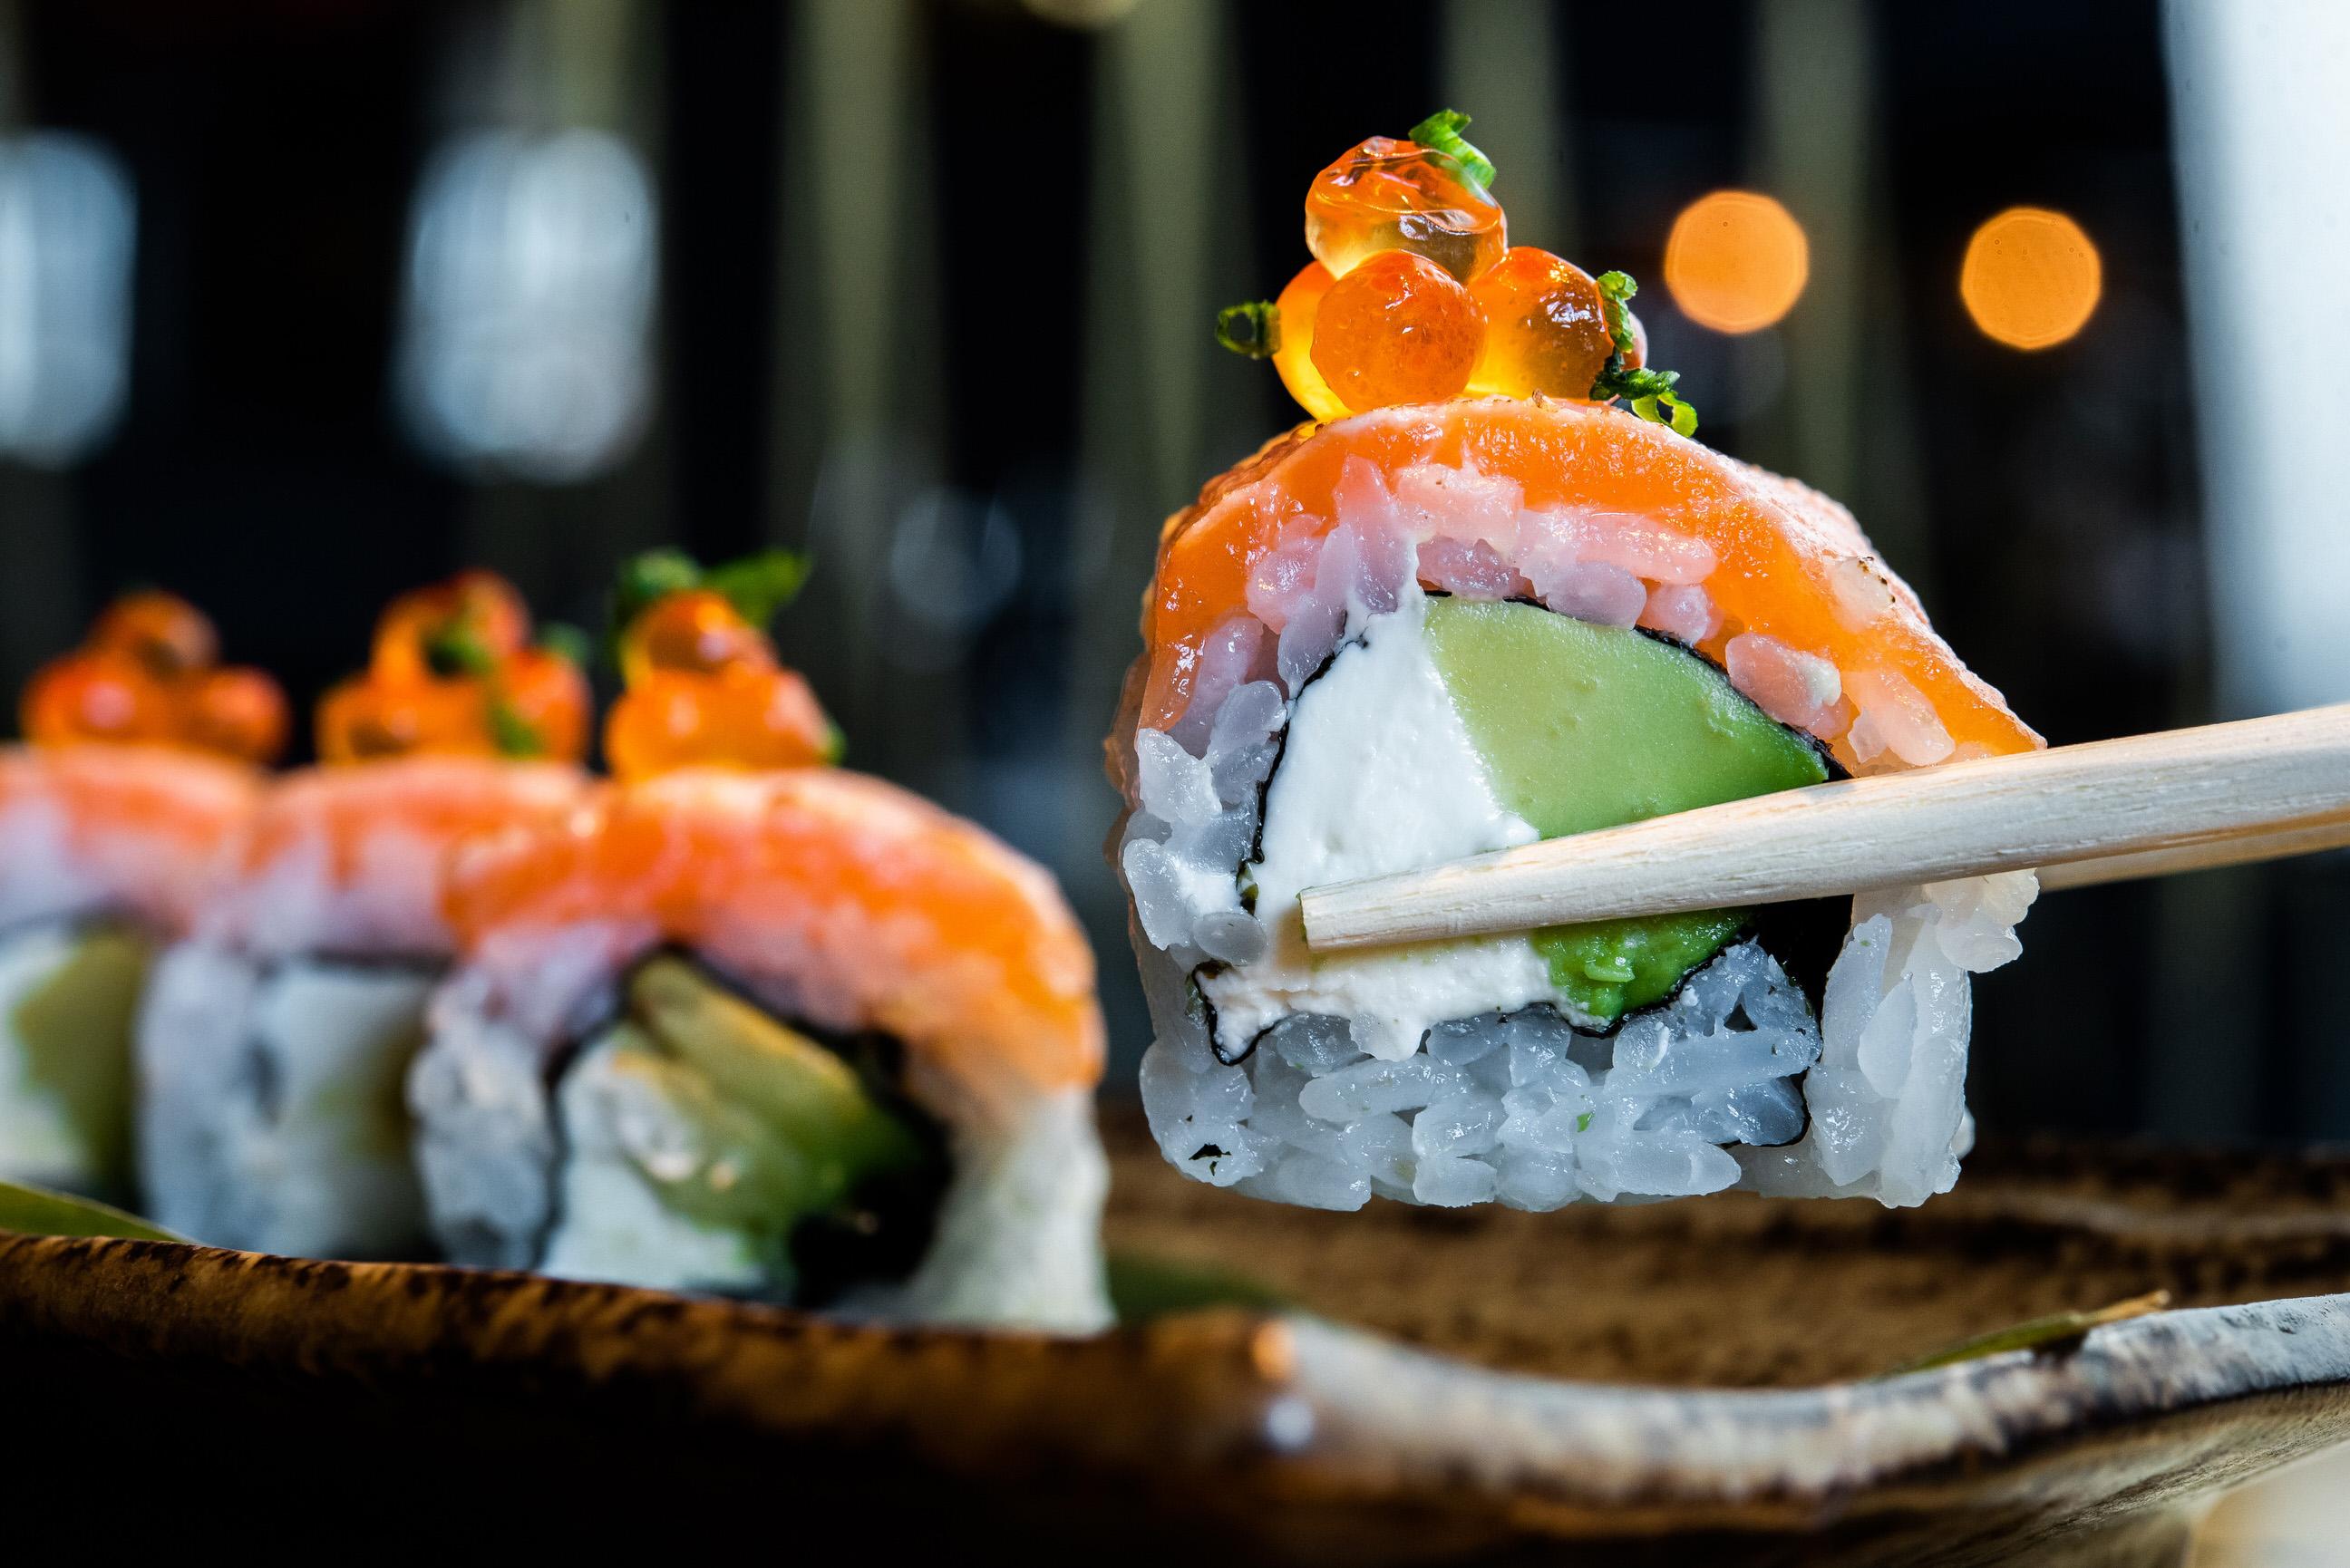 Amantes del sushi: hoy es vuestro día